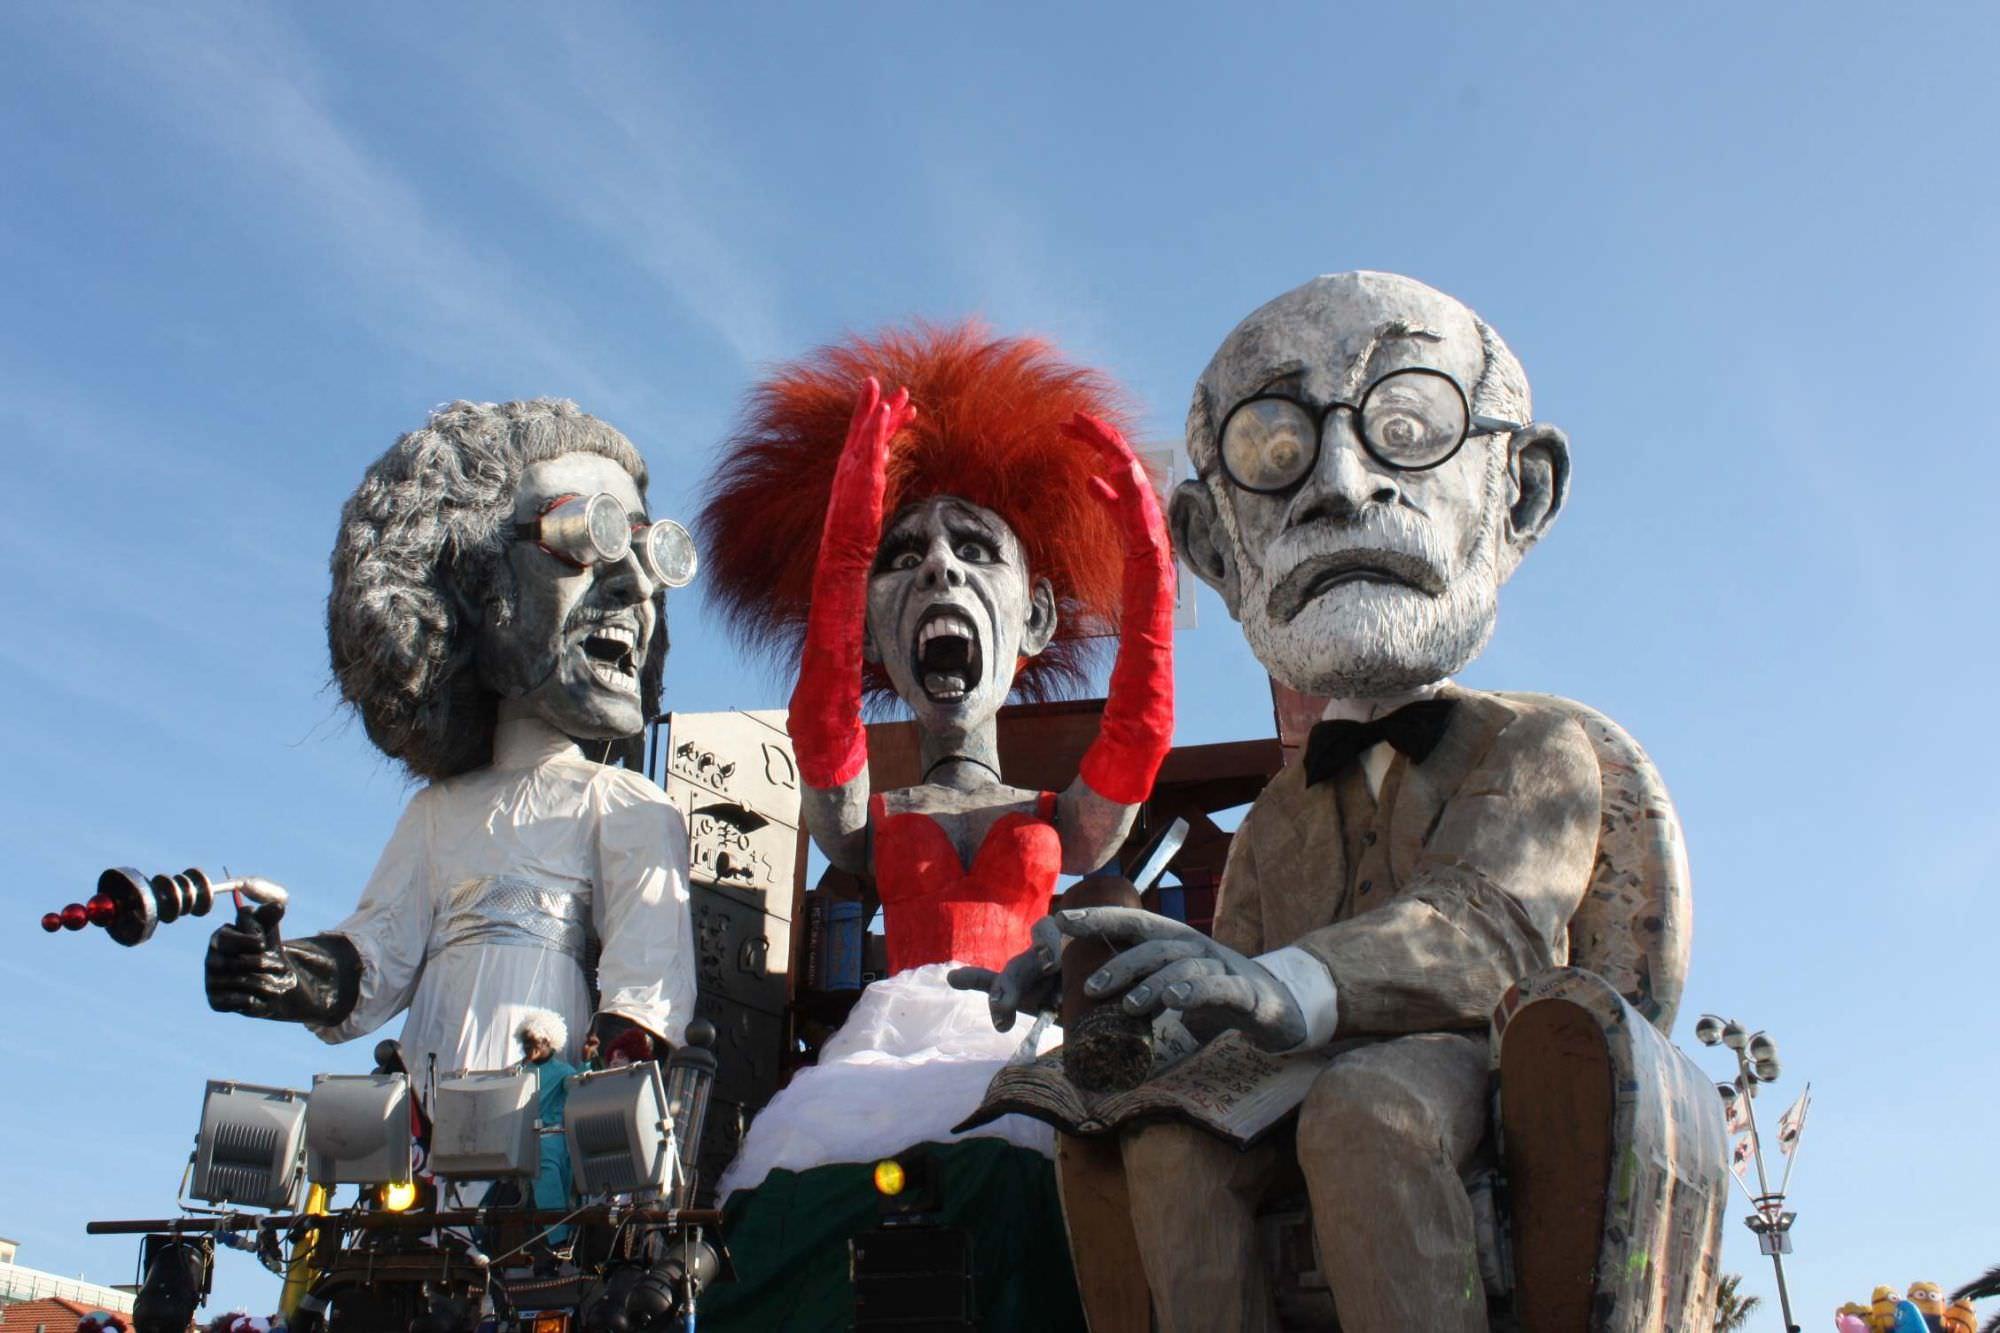 """Carnevale di Viareggio, la rabbia degli sconfitti: """"Basta con questa sudditanza psicologica"""""""